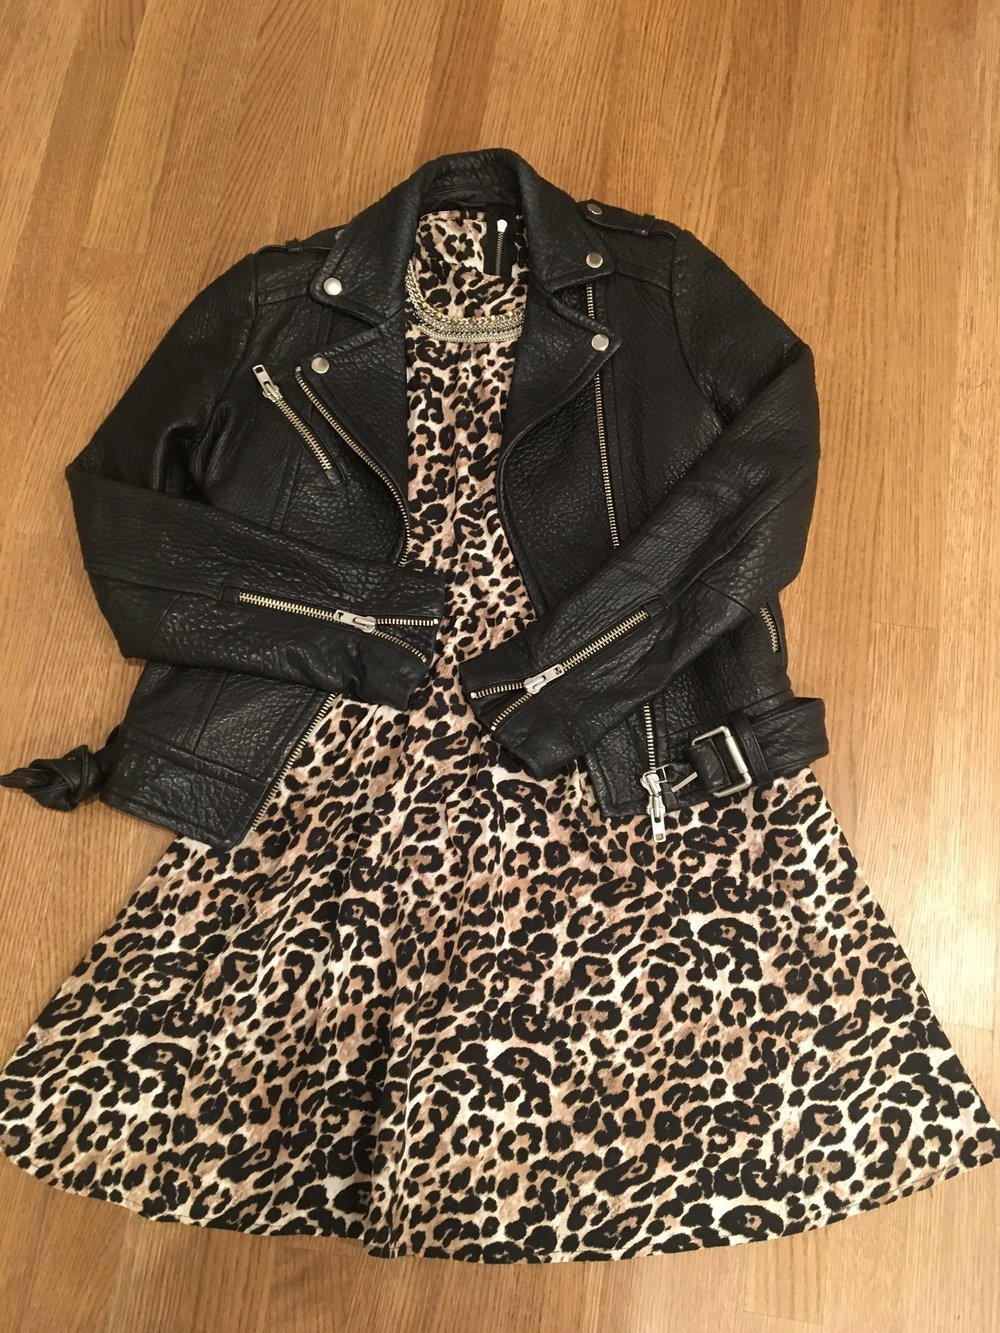 Dress/Jacket